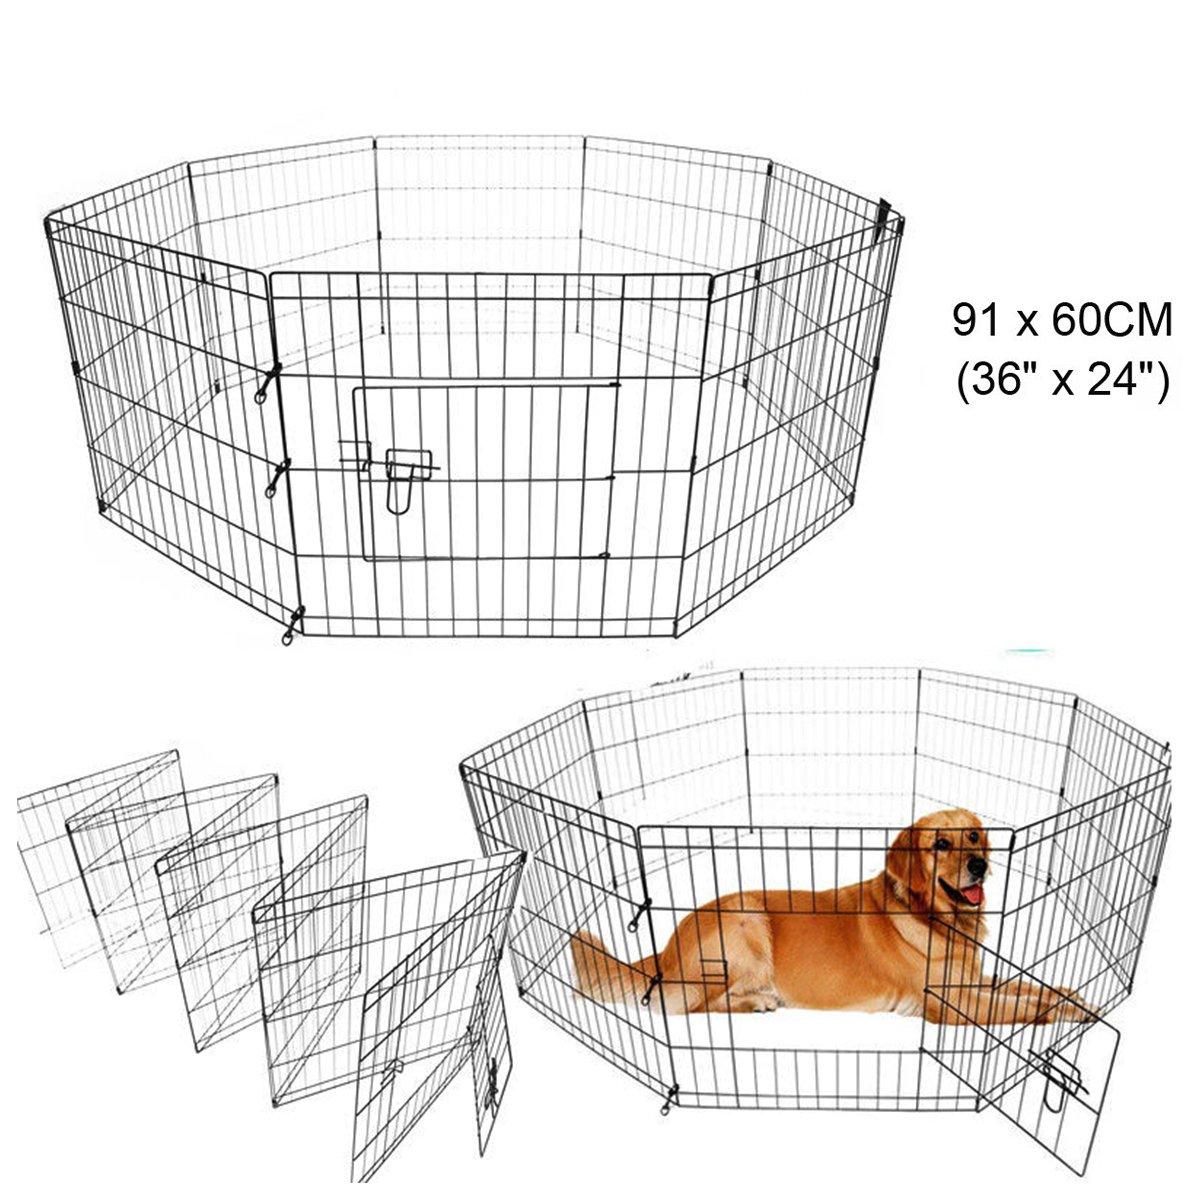 Paneltech Cage pour chien 24 / 30 / 36 42 inch Animal Cage de transport cage Cage à chiot Parc Enclos chiot Bec Parc Enclos Animaux Chien Chien Chien Cage Animal chiot Enclos Animaux Parc Enclos pour chiot chiens (Polygonal, 30) 30)